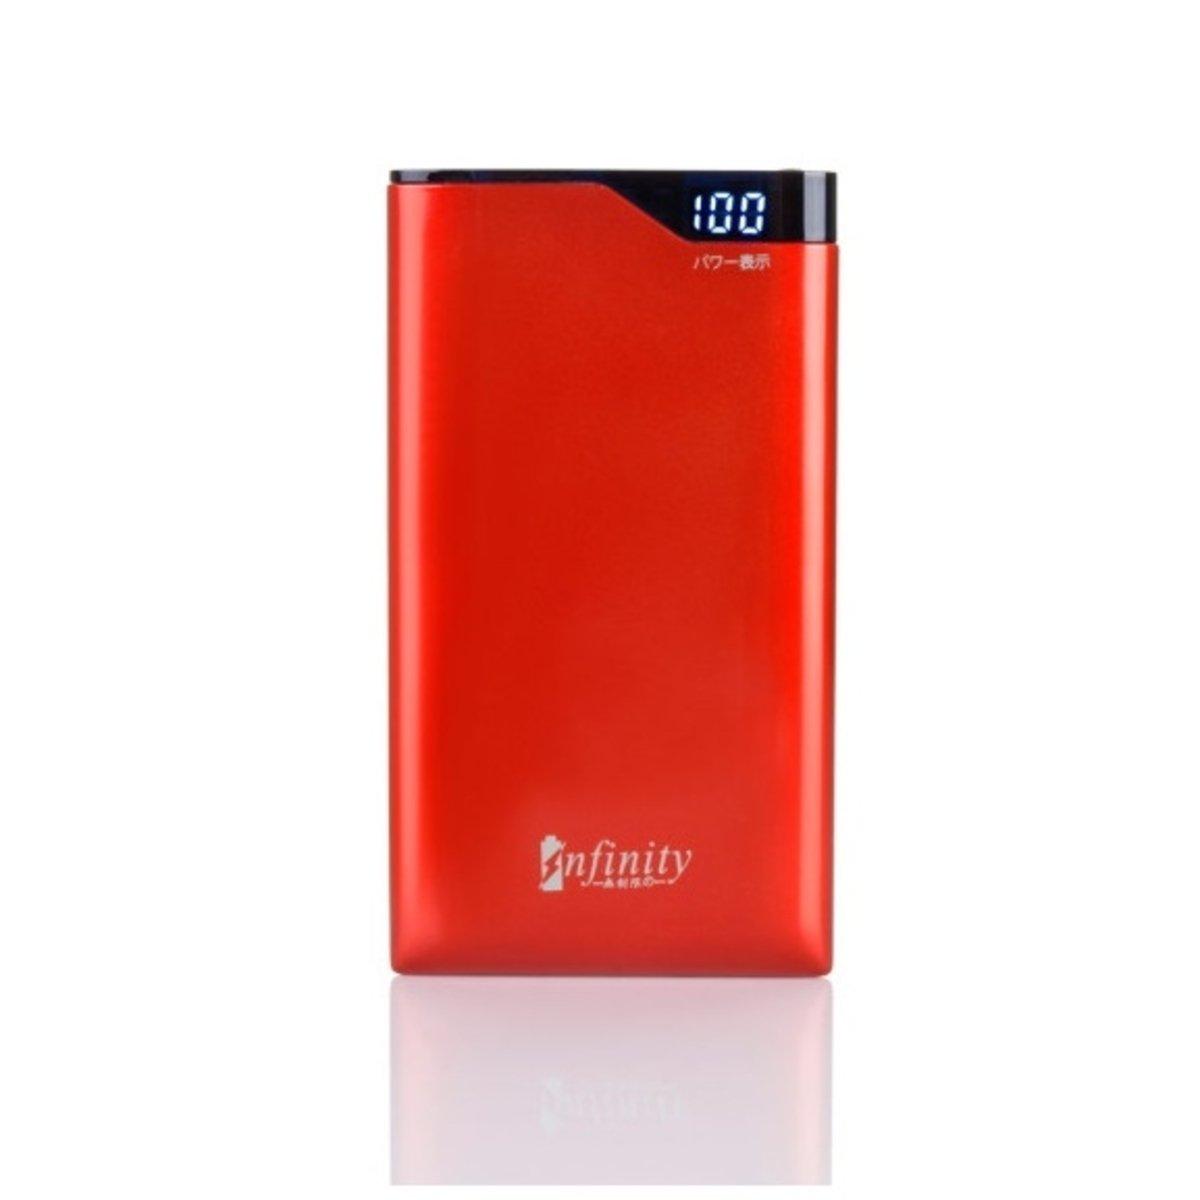 INFINITY-PRO X7 7500mAh 外置充電器